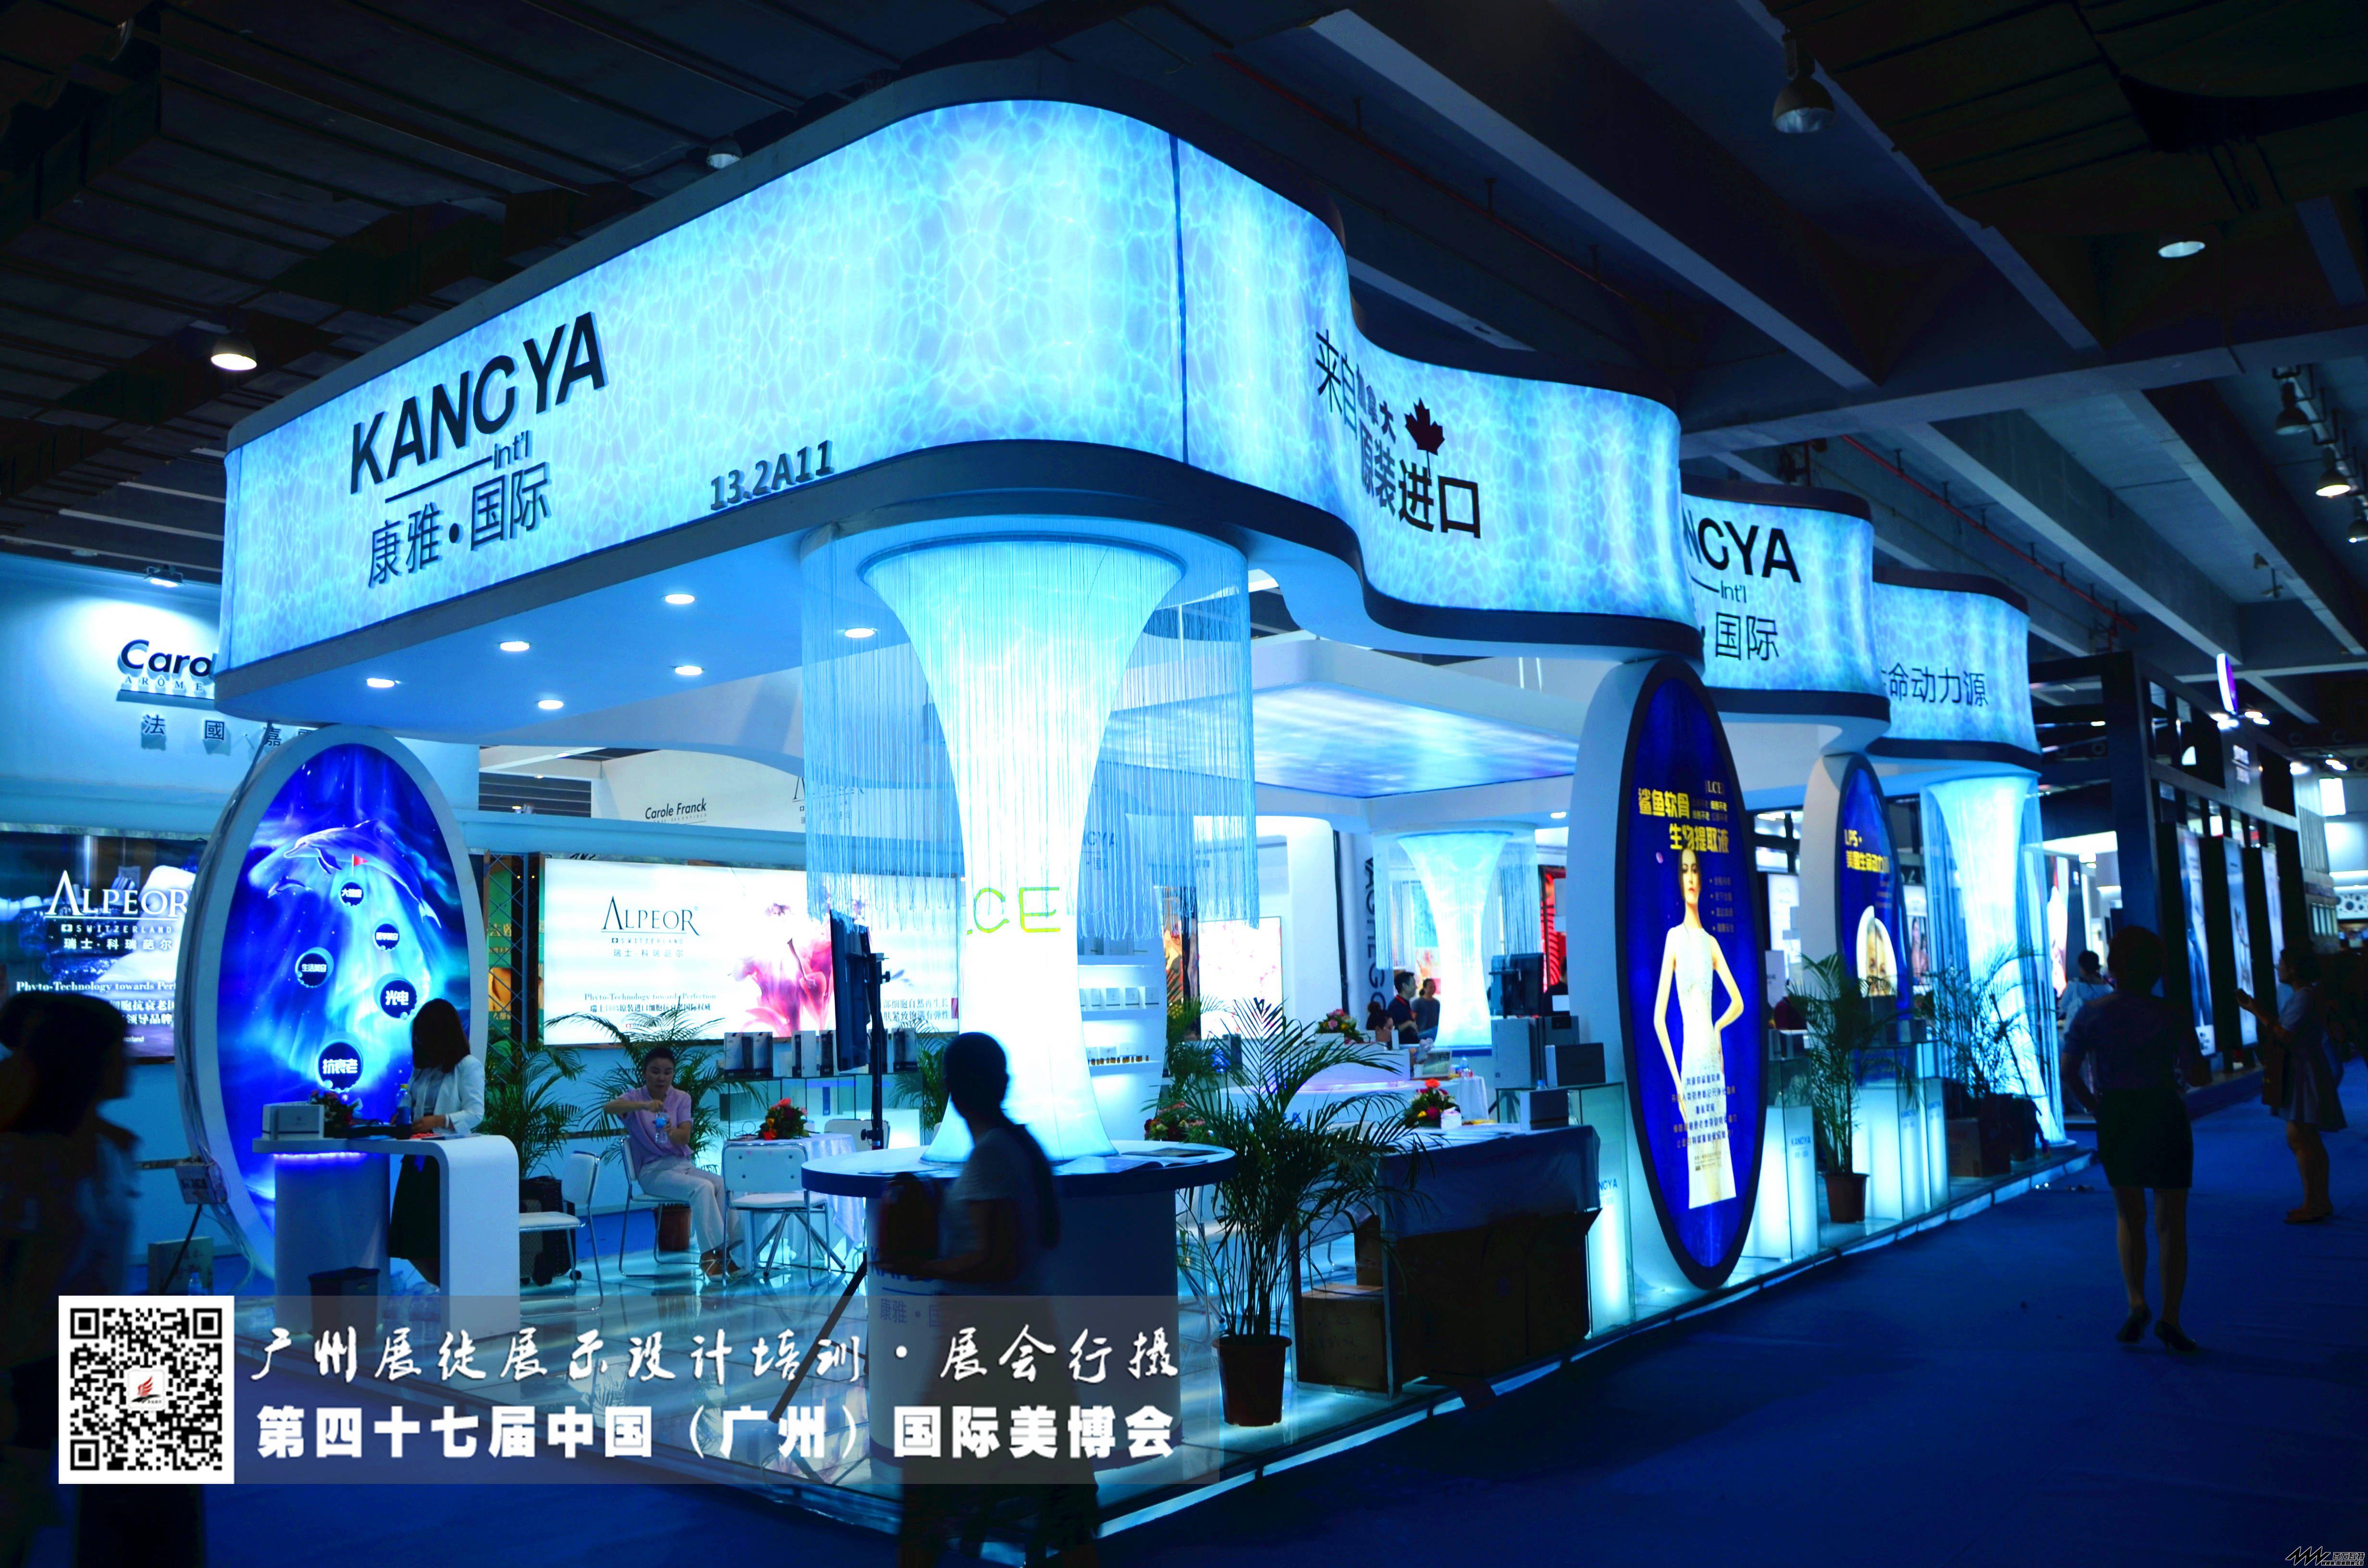 第47届广州美博会现场行摄·广州展徒展示设计培训 (23).jpg